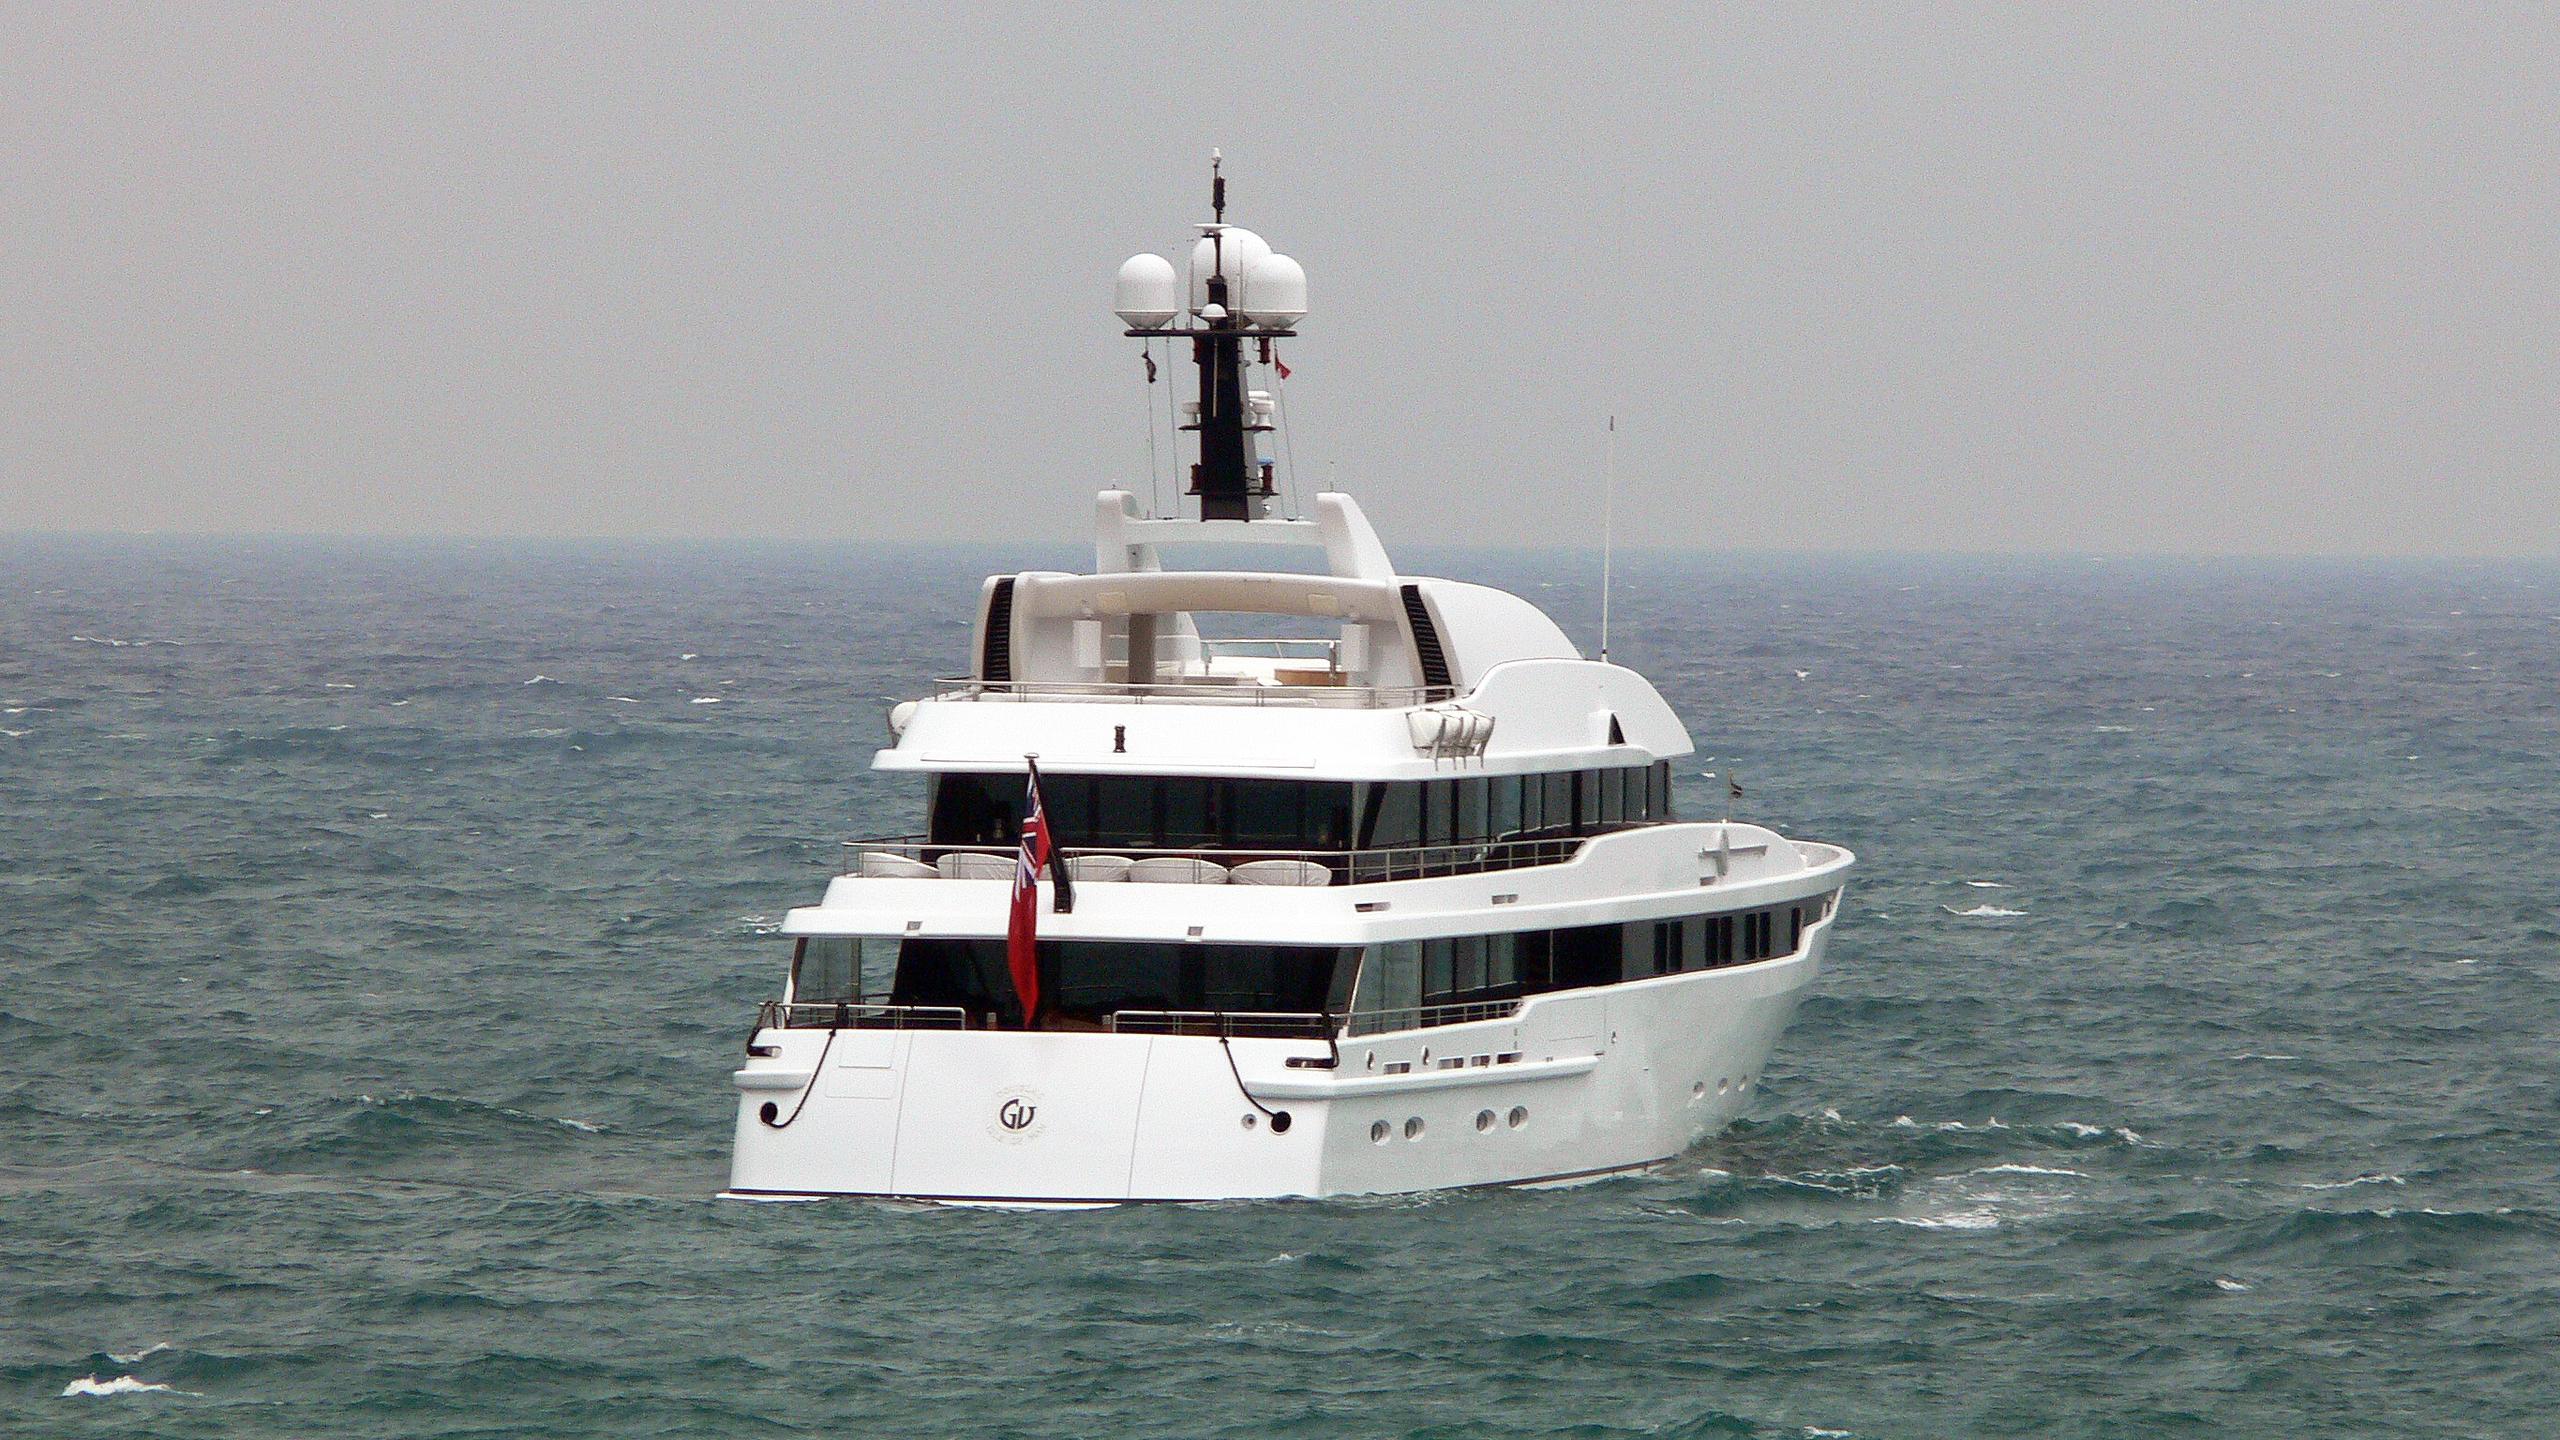 astrid-conroy-motor-yacht-amels-2006-58m-stern-cruising